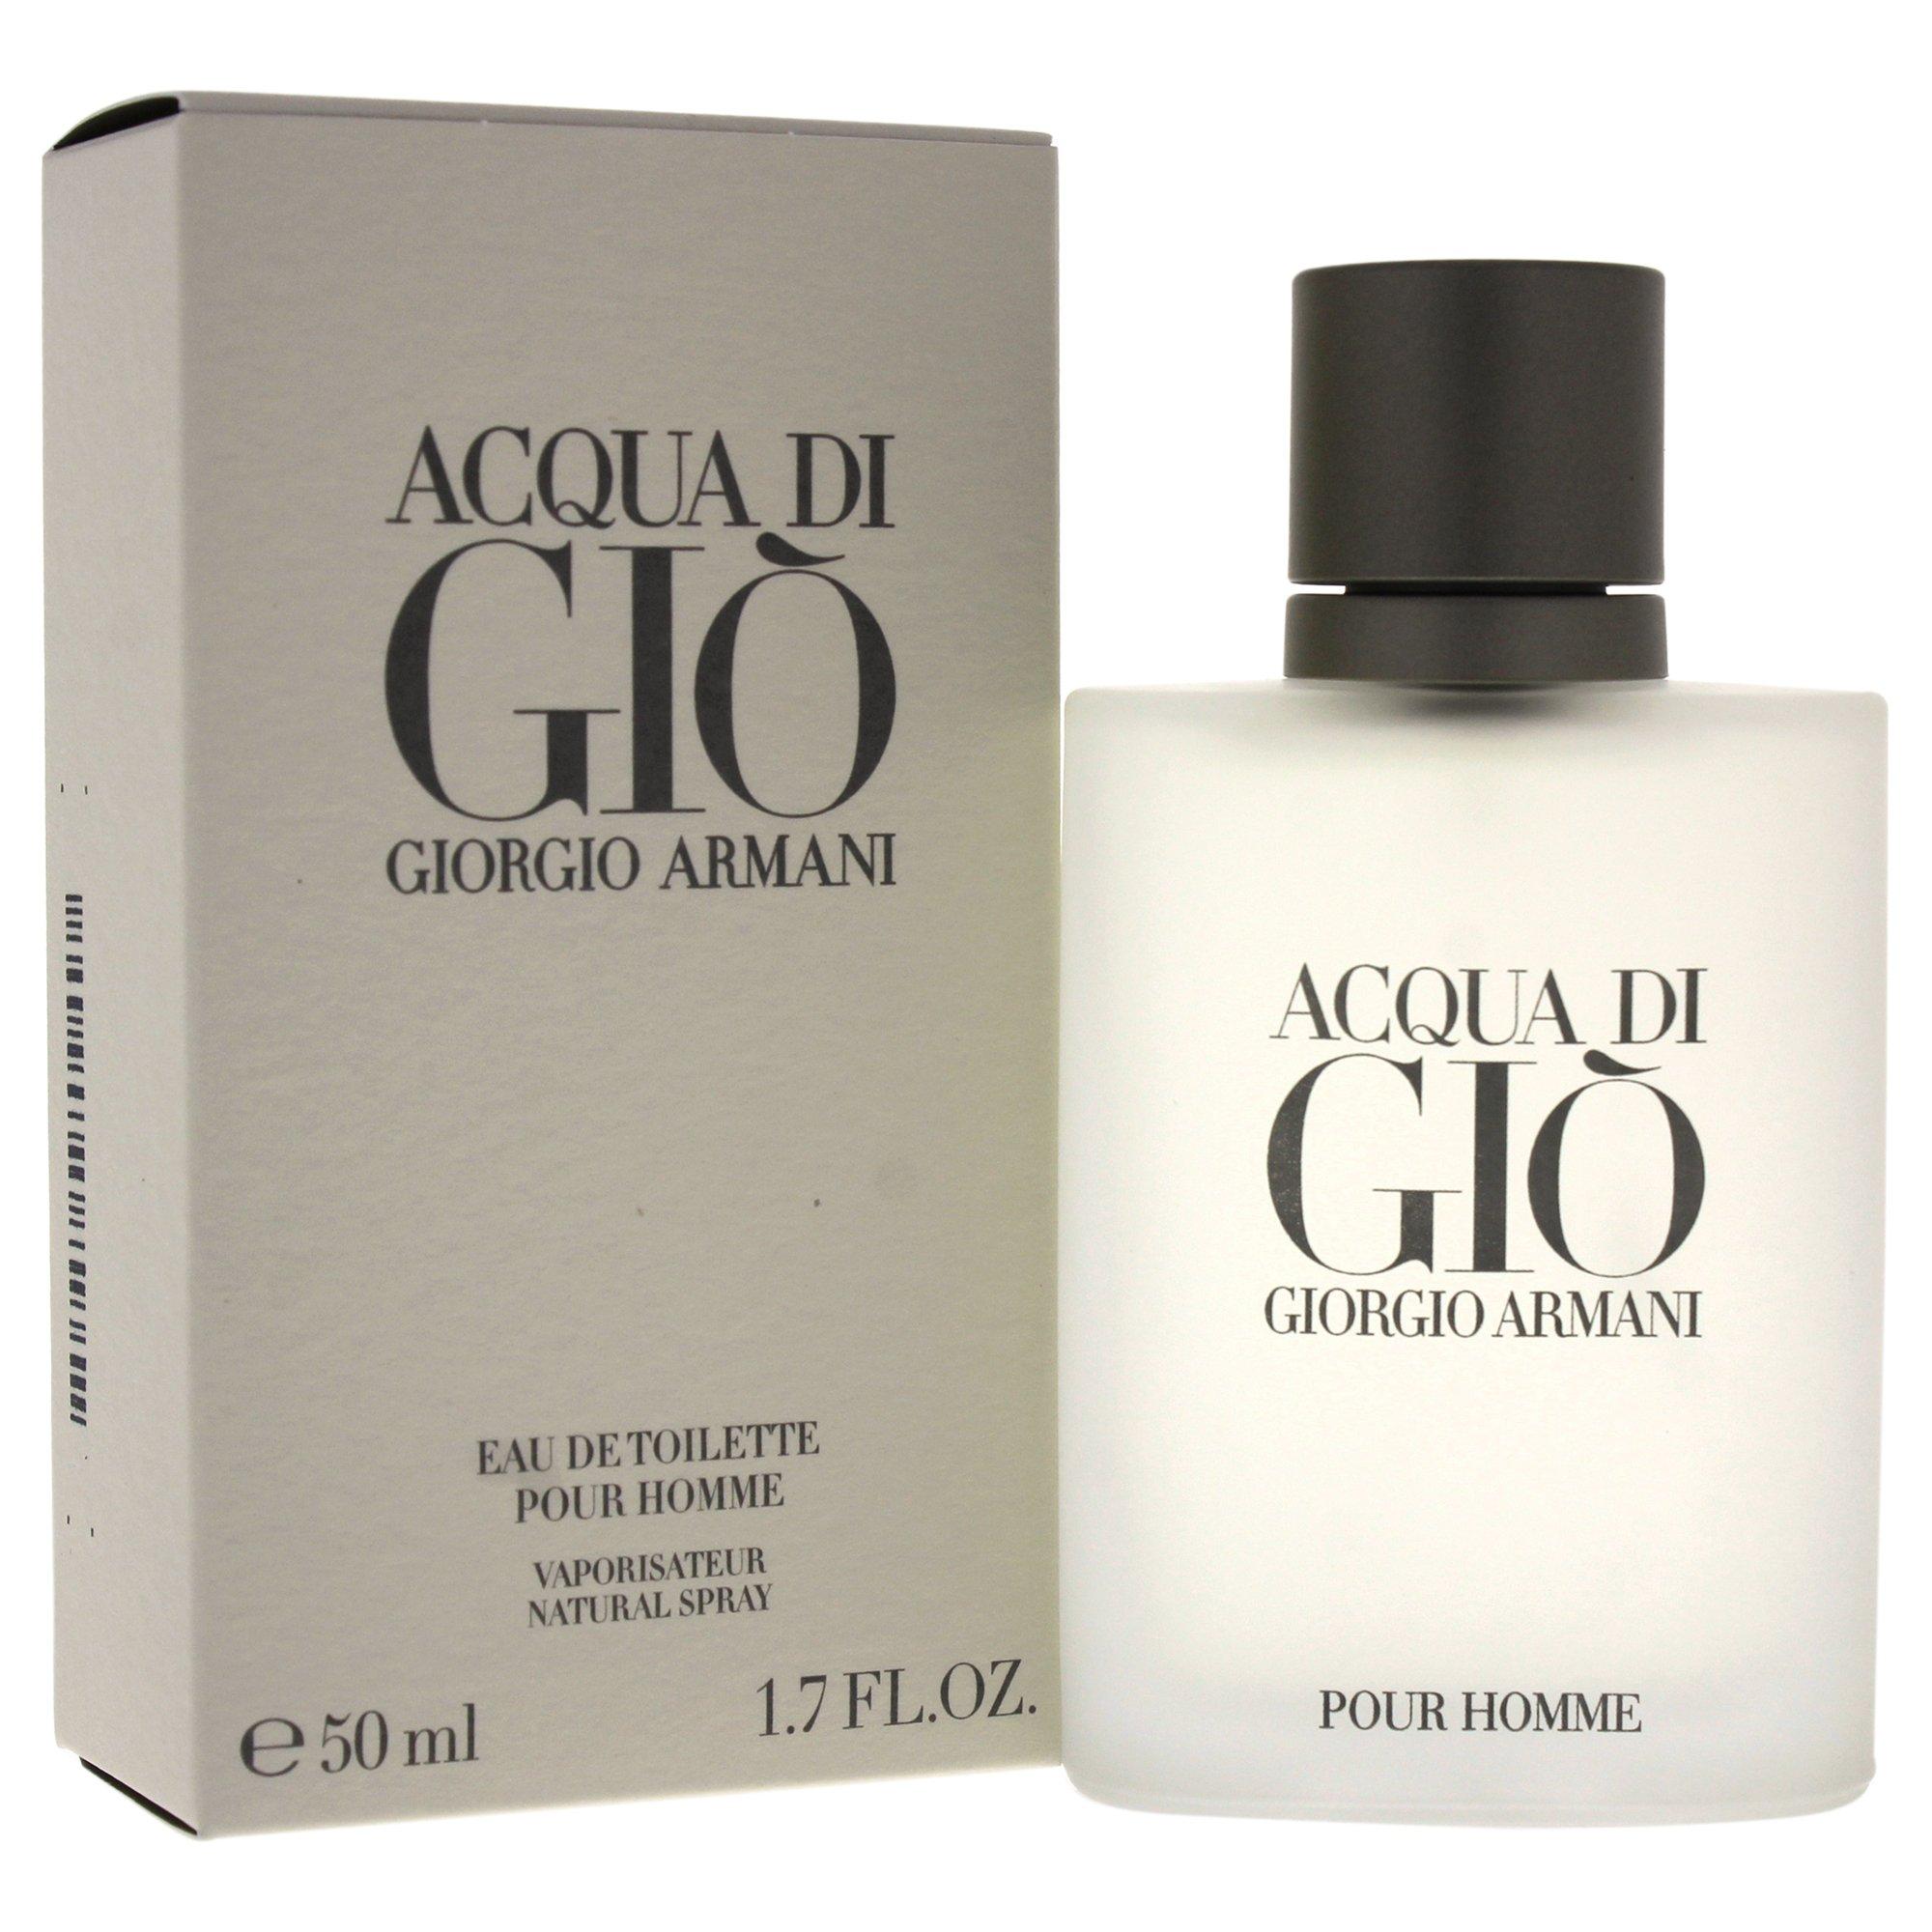 Giorgio Armani Acqua Di Gio Eau De Toilette Spray for Men, 1.7 Ounce by GIORGIO ARMANI